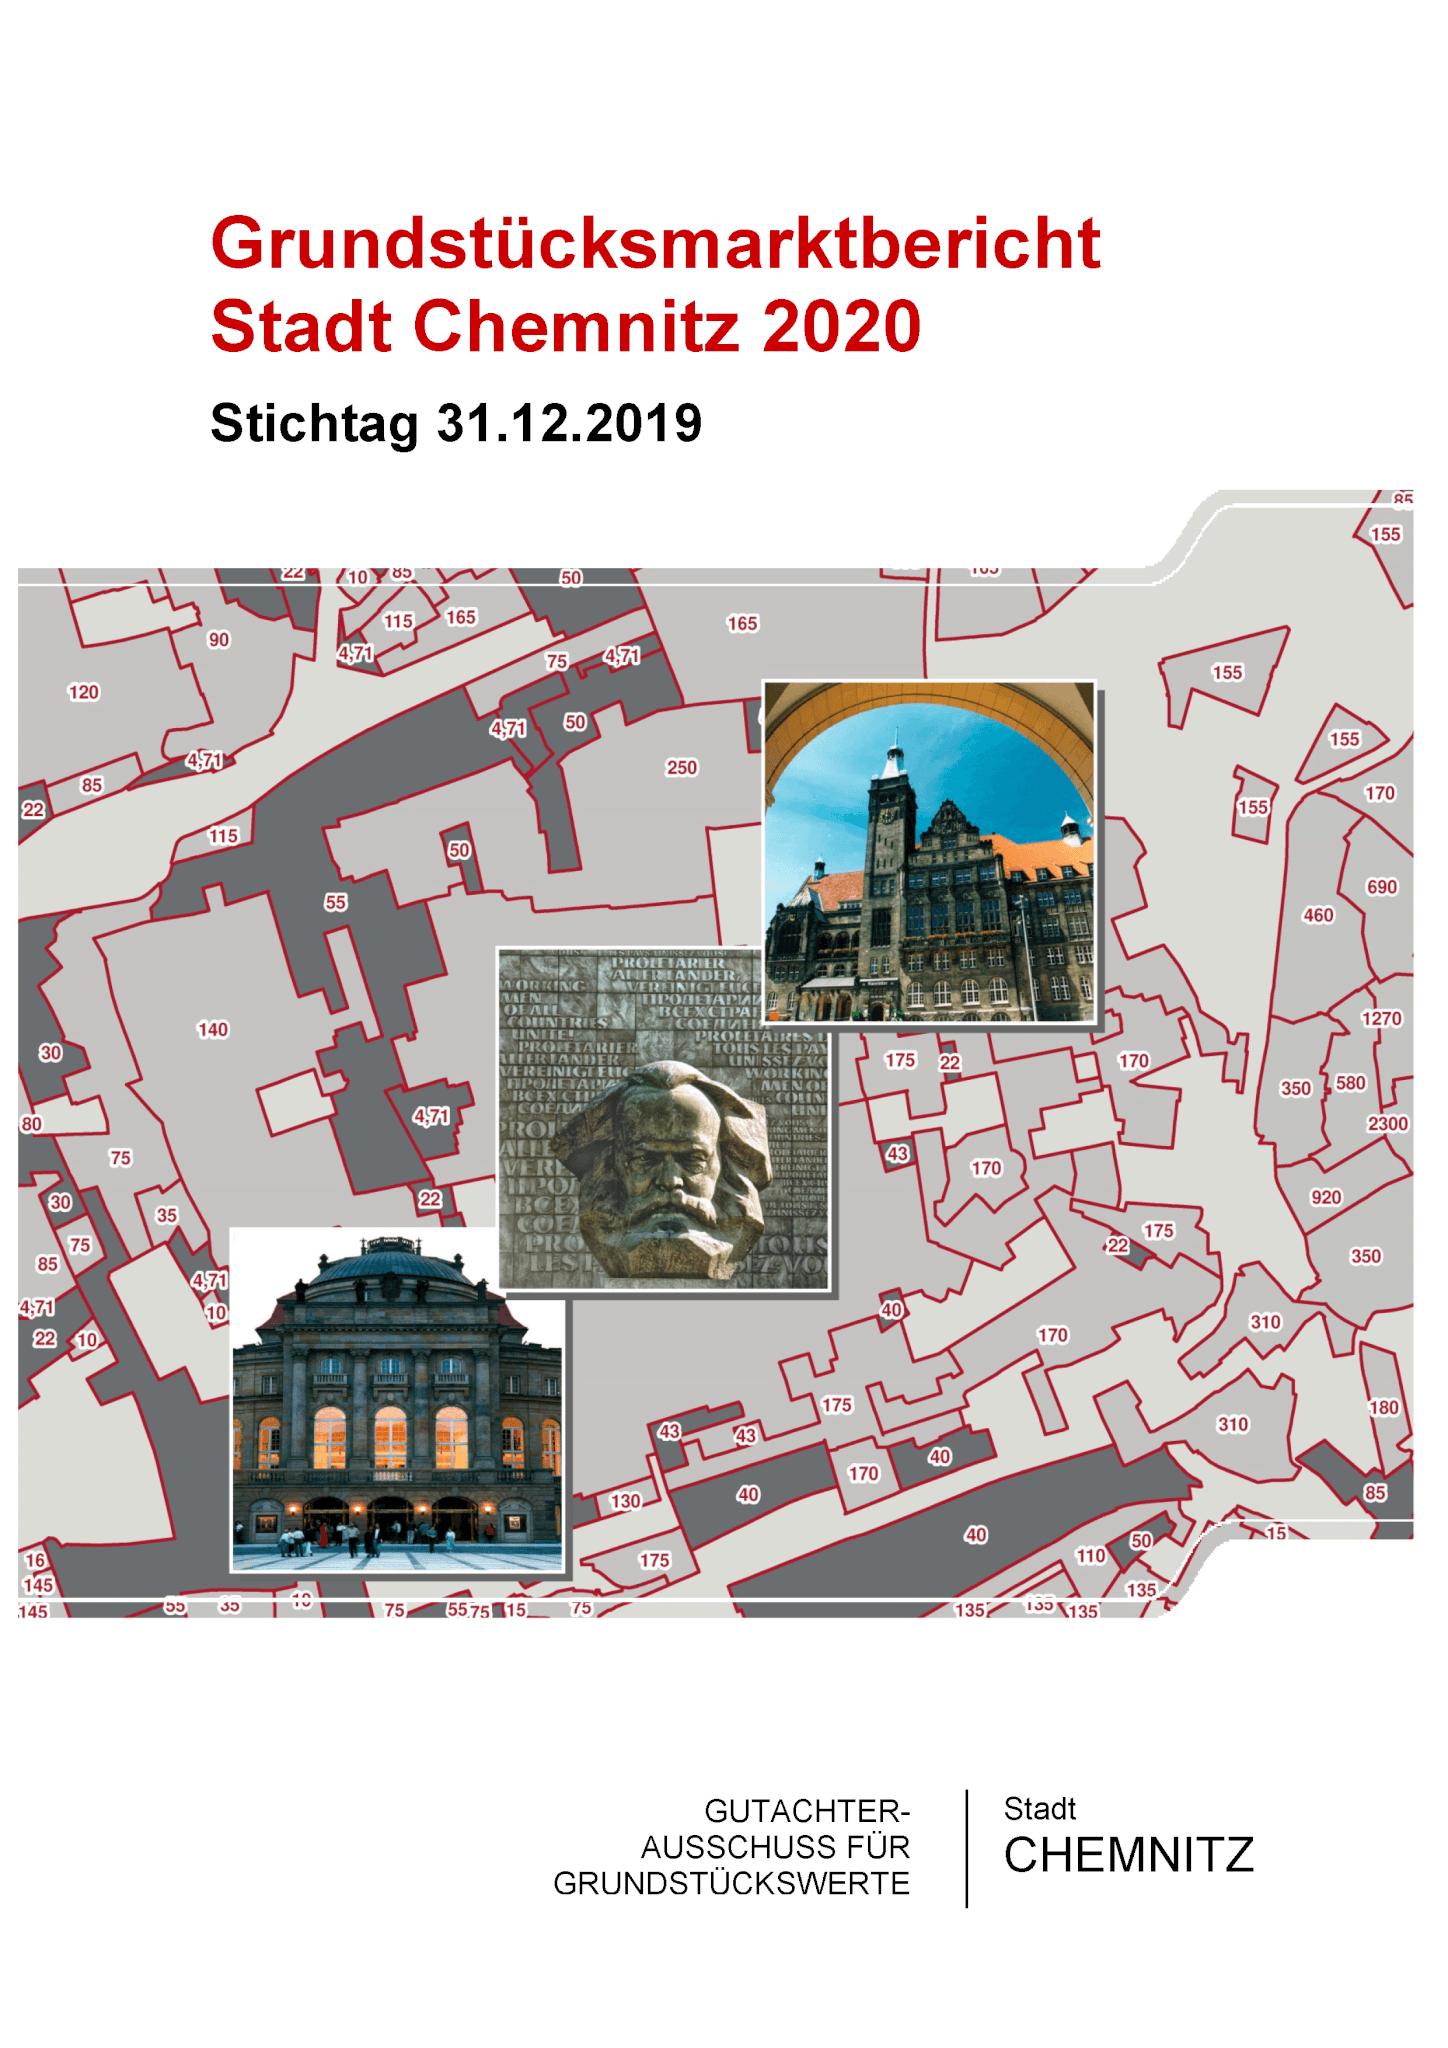 Grundstücksmarktbericht Chemnitz 2020 und neue Bodenrichtwerte veröffentlicht 1